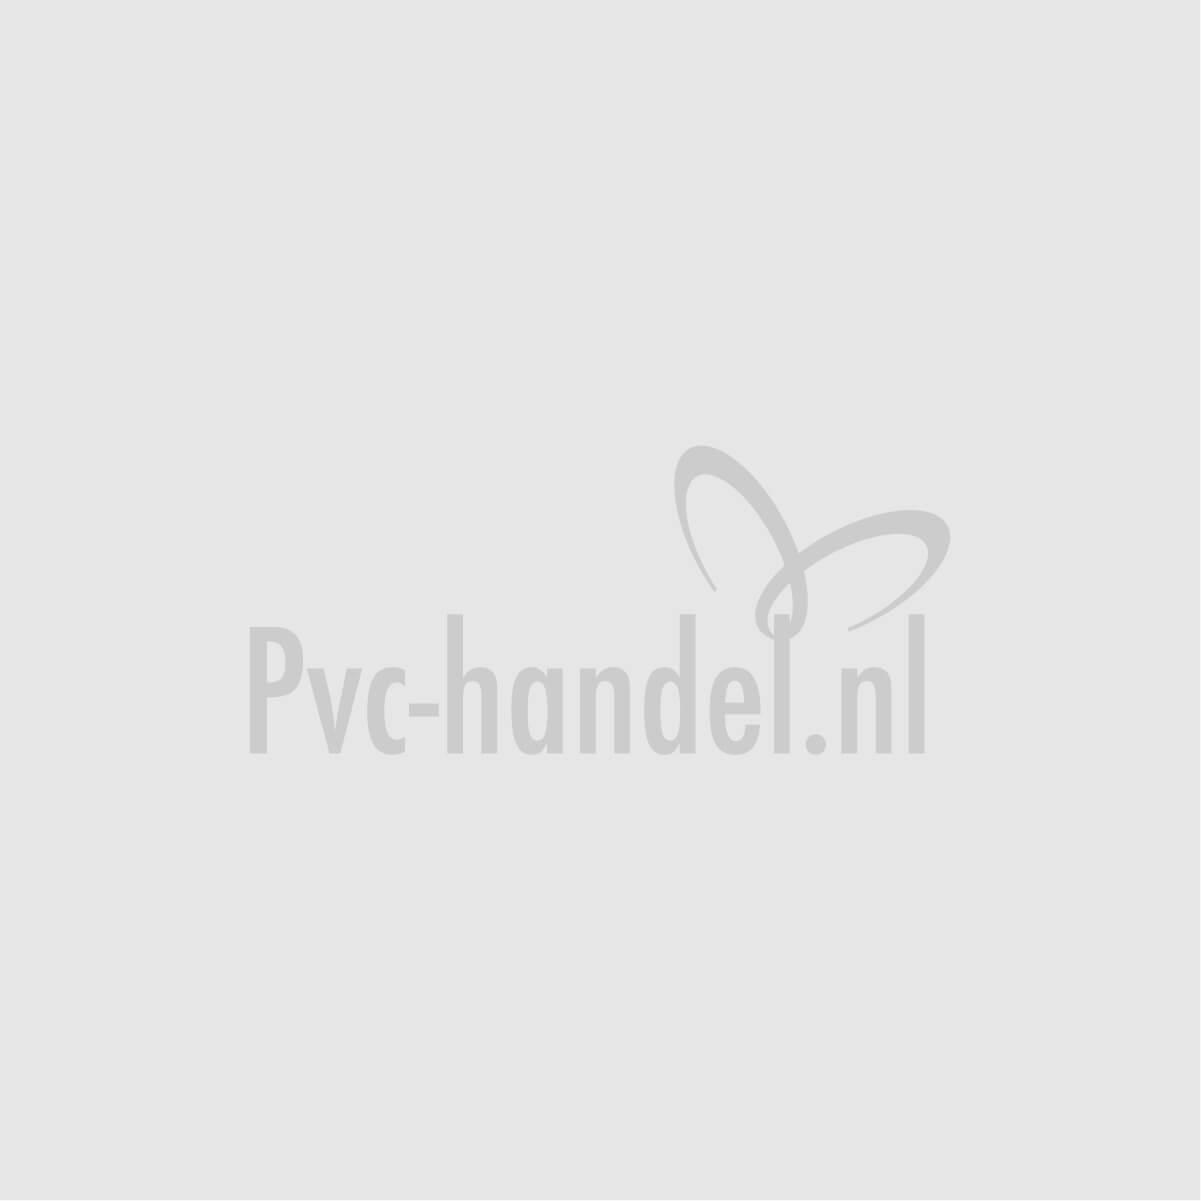 PVC inlijmringen